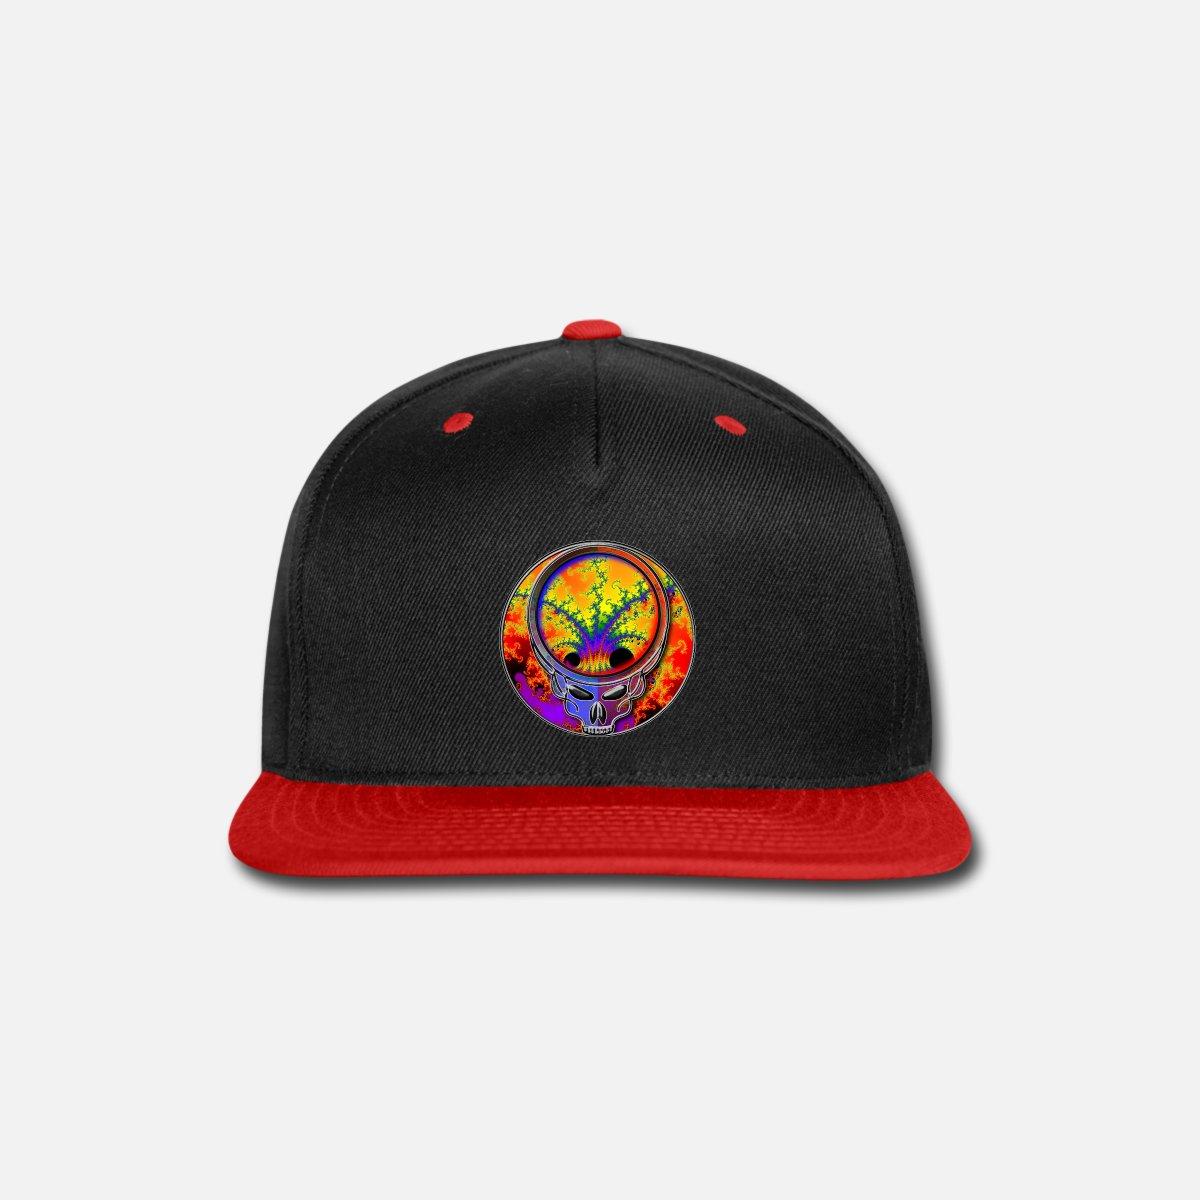 8f8aa8aa1c6 Cool Cosmic Fractal in Grateful Dead Style Skull Snapback Cap ...